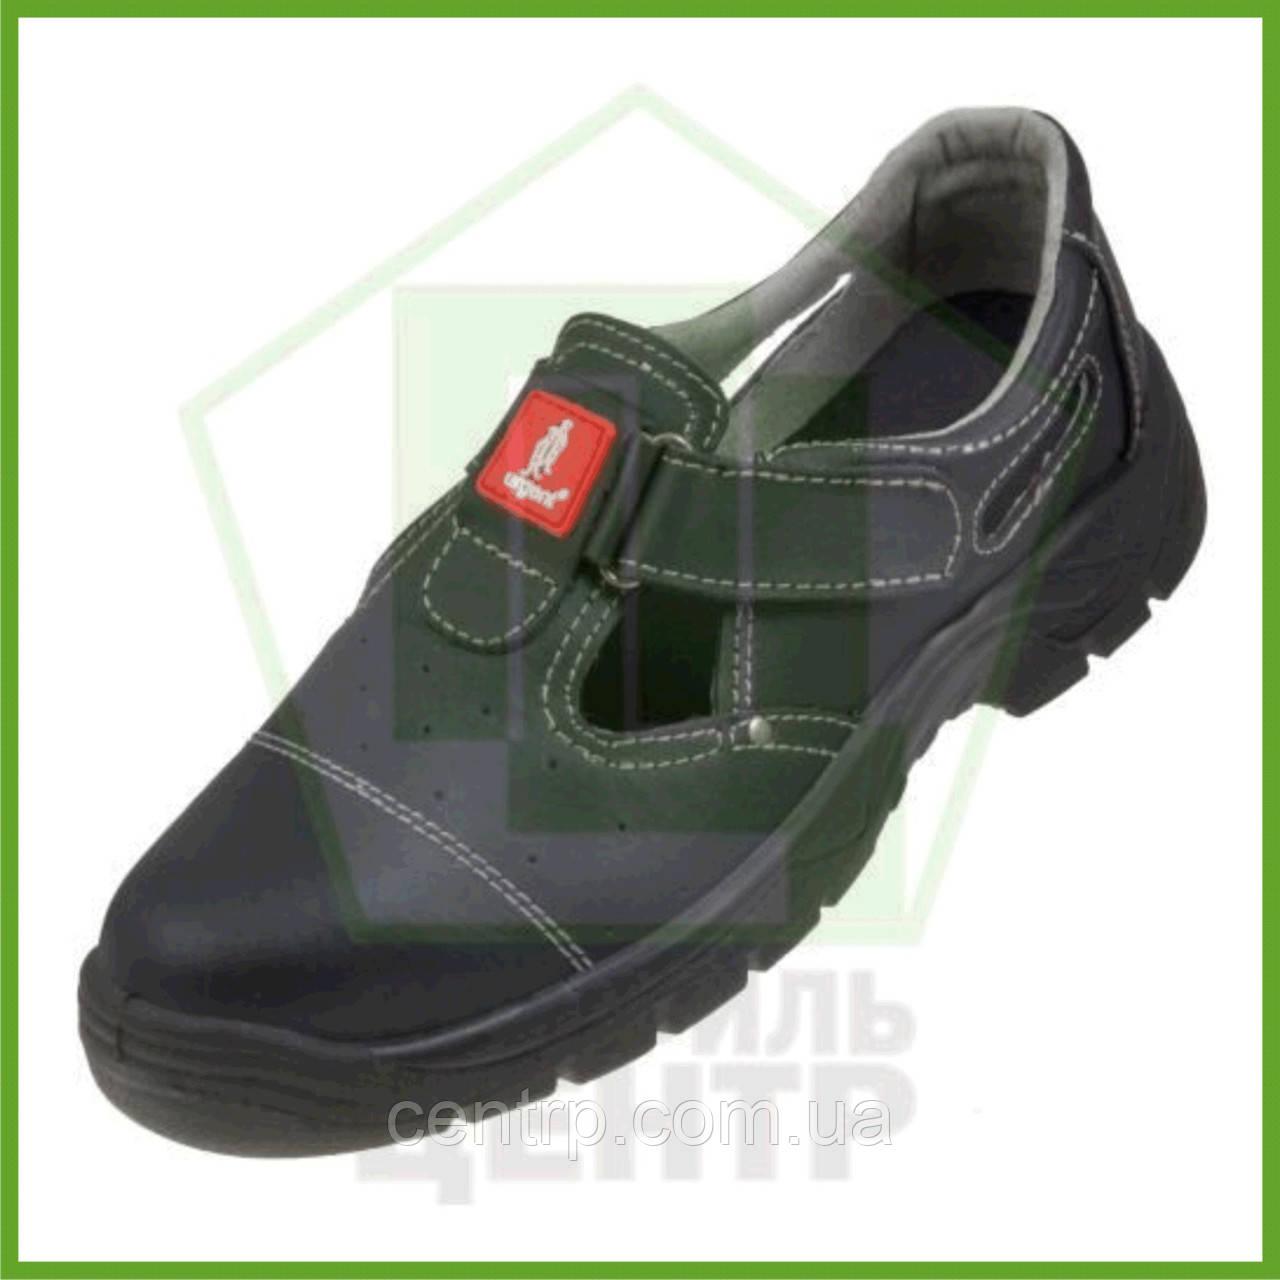 Сандали рабочие кожаные с металлическим носком URGENT 303 S1 (натур.кожа)